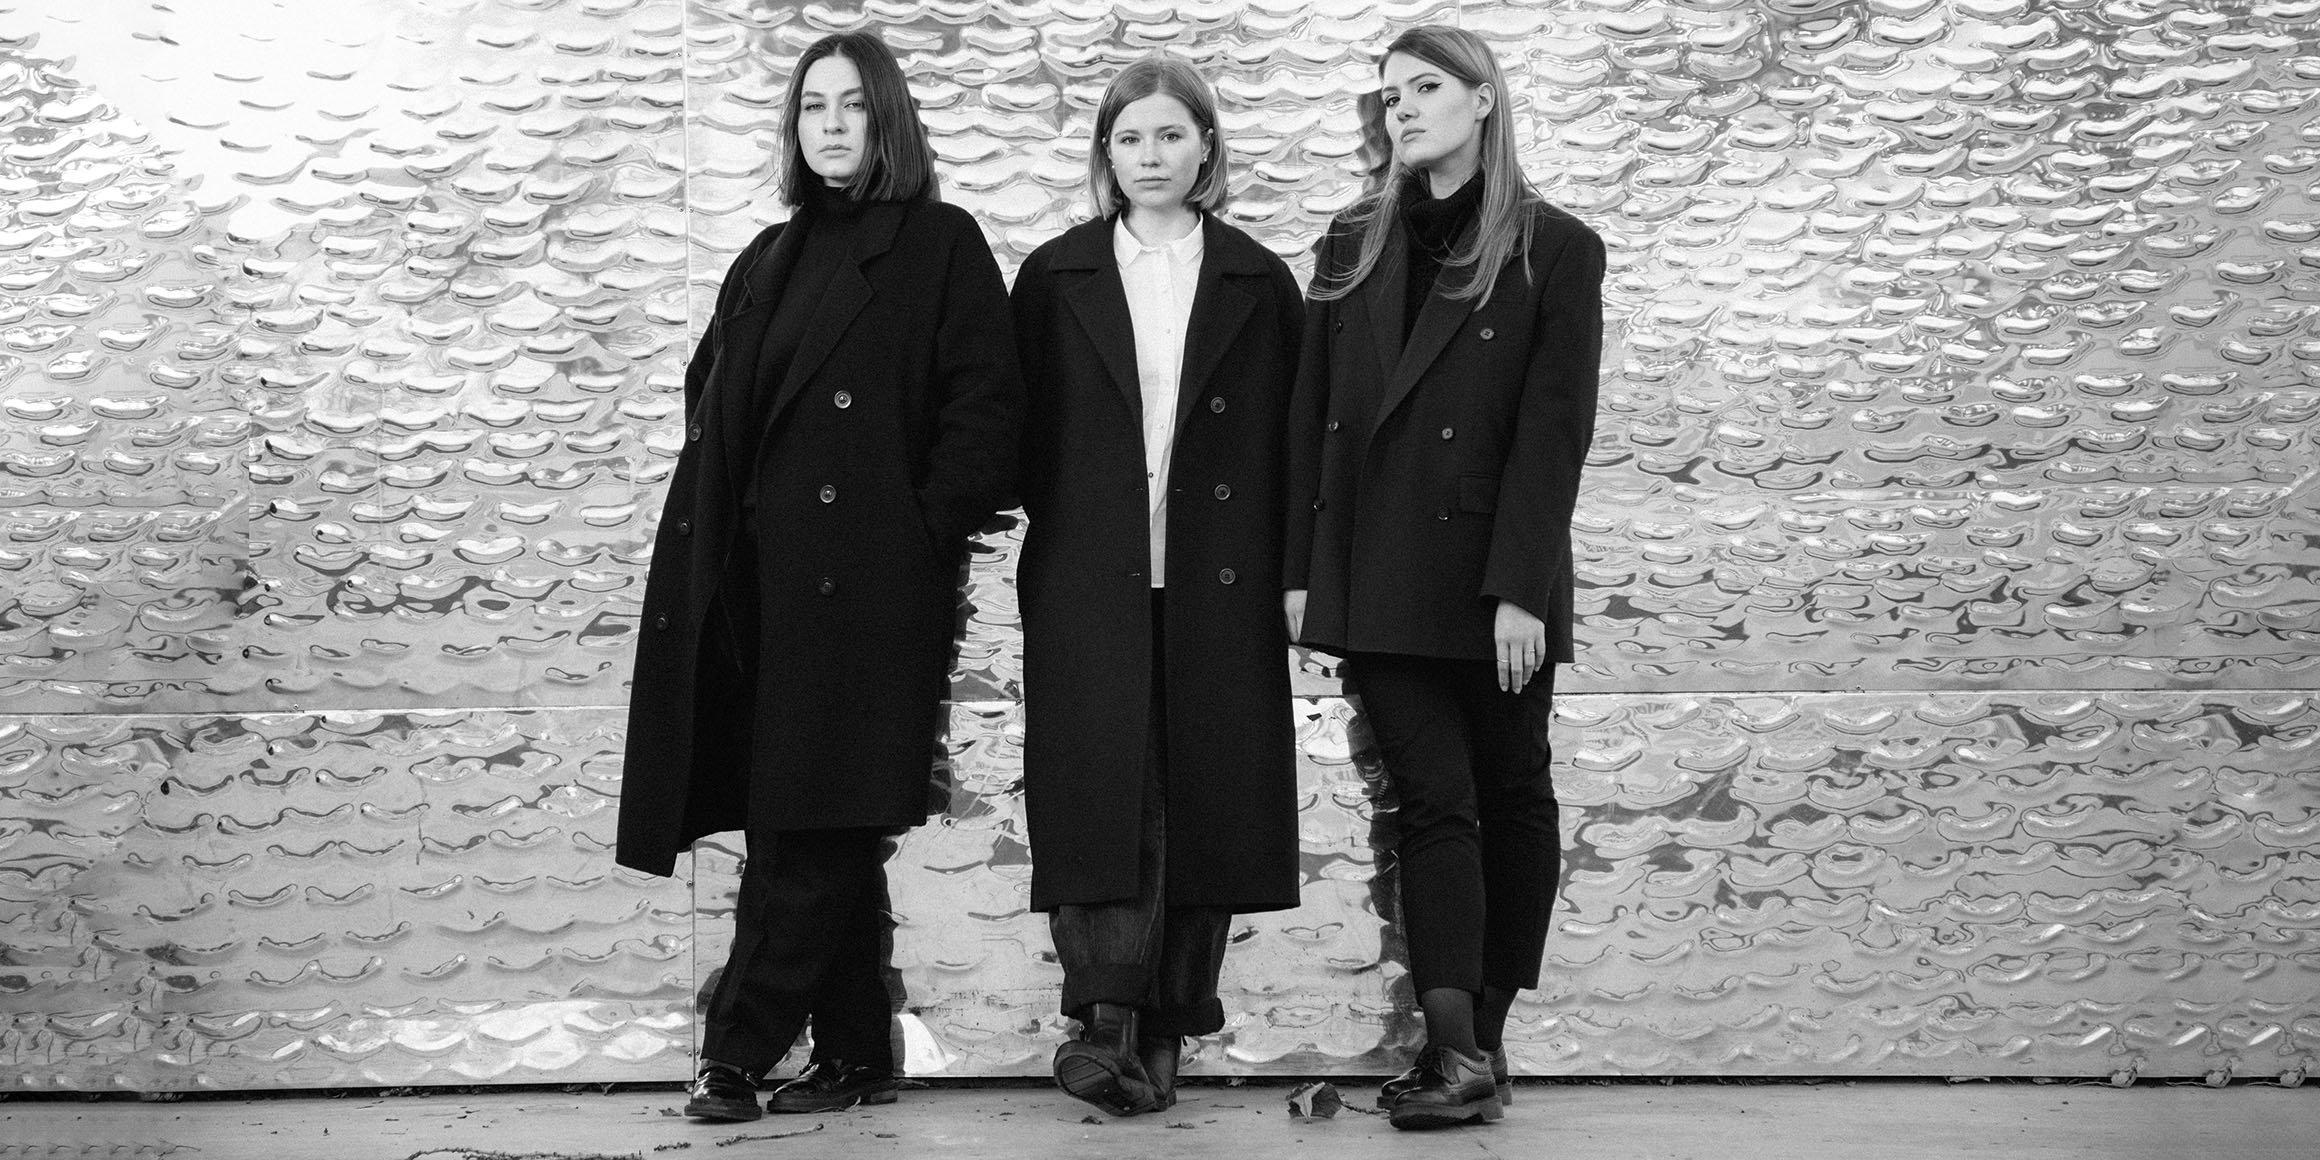 Настя Красильникова, Лана Узарашвили и Катерина Денисова (фото Никиты Прокофьева, журнал«Цех»)